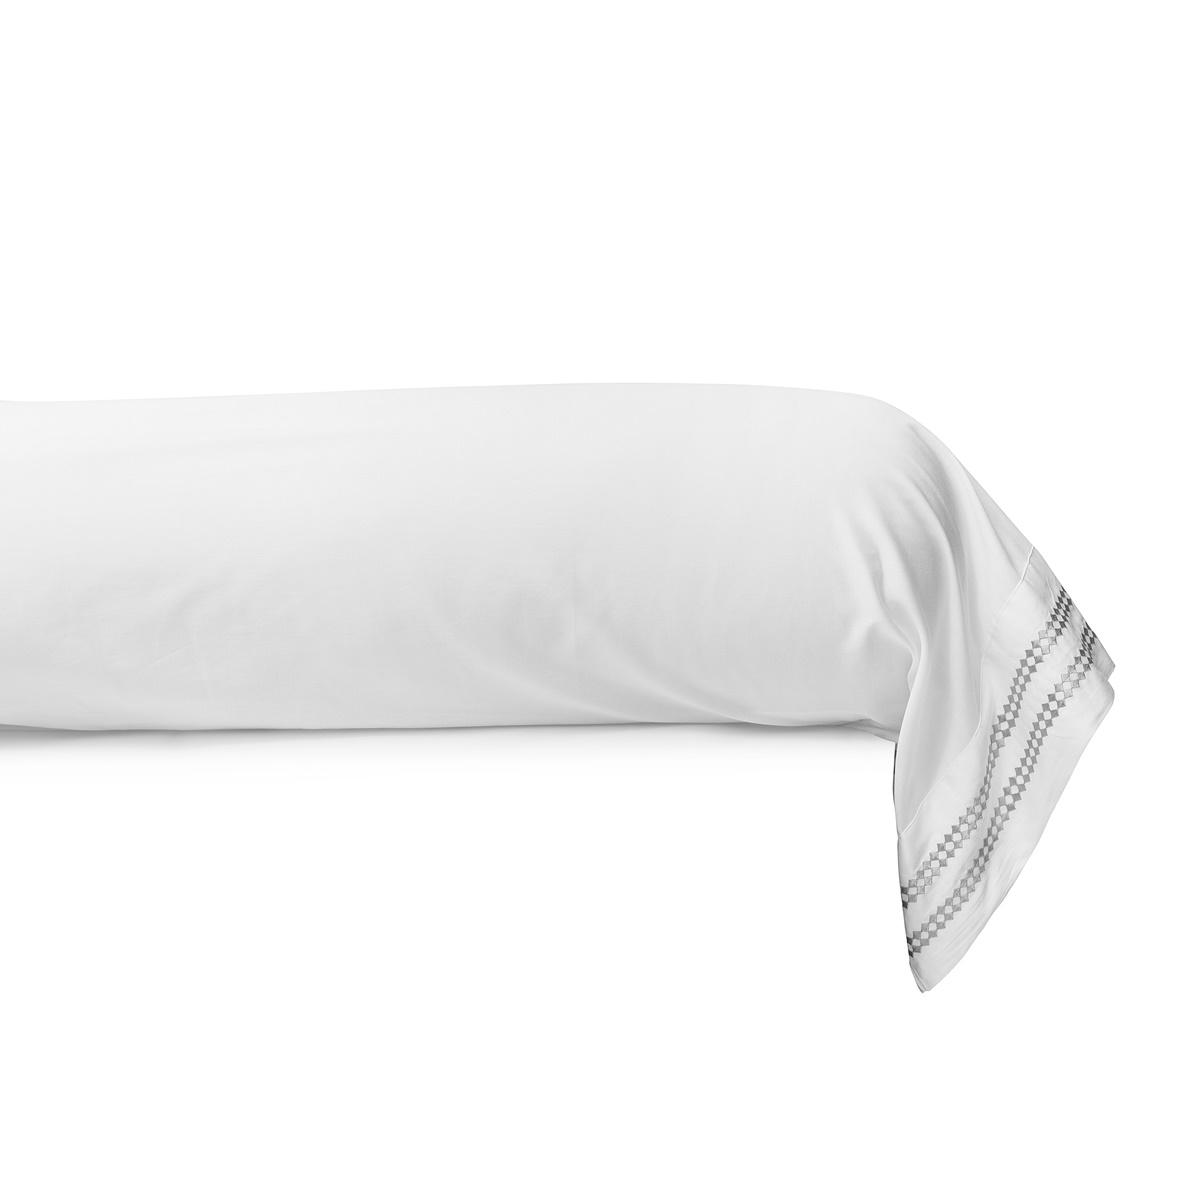 Bolster Case Venise | Bed linen | Tradition des Vosges